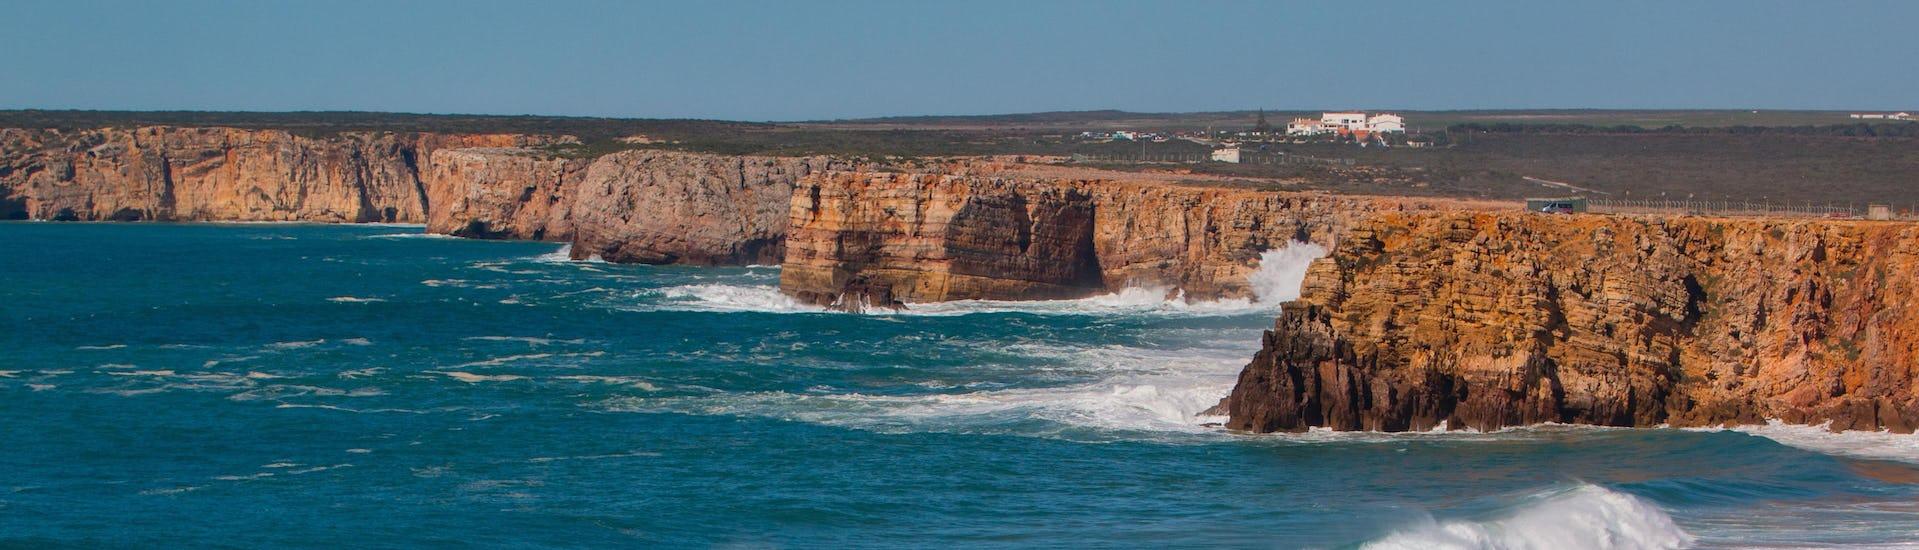 Algarve: Een tandemvlucht vindt plaats in een van de hotspots voor paragliding.